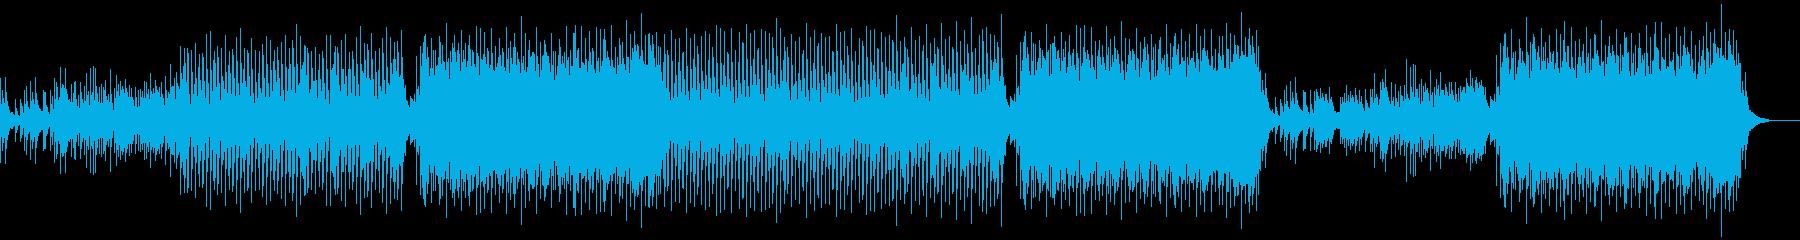 優しく爽やかで疾走感感じる楽曲の再生済みの波形